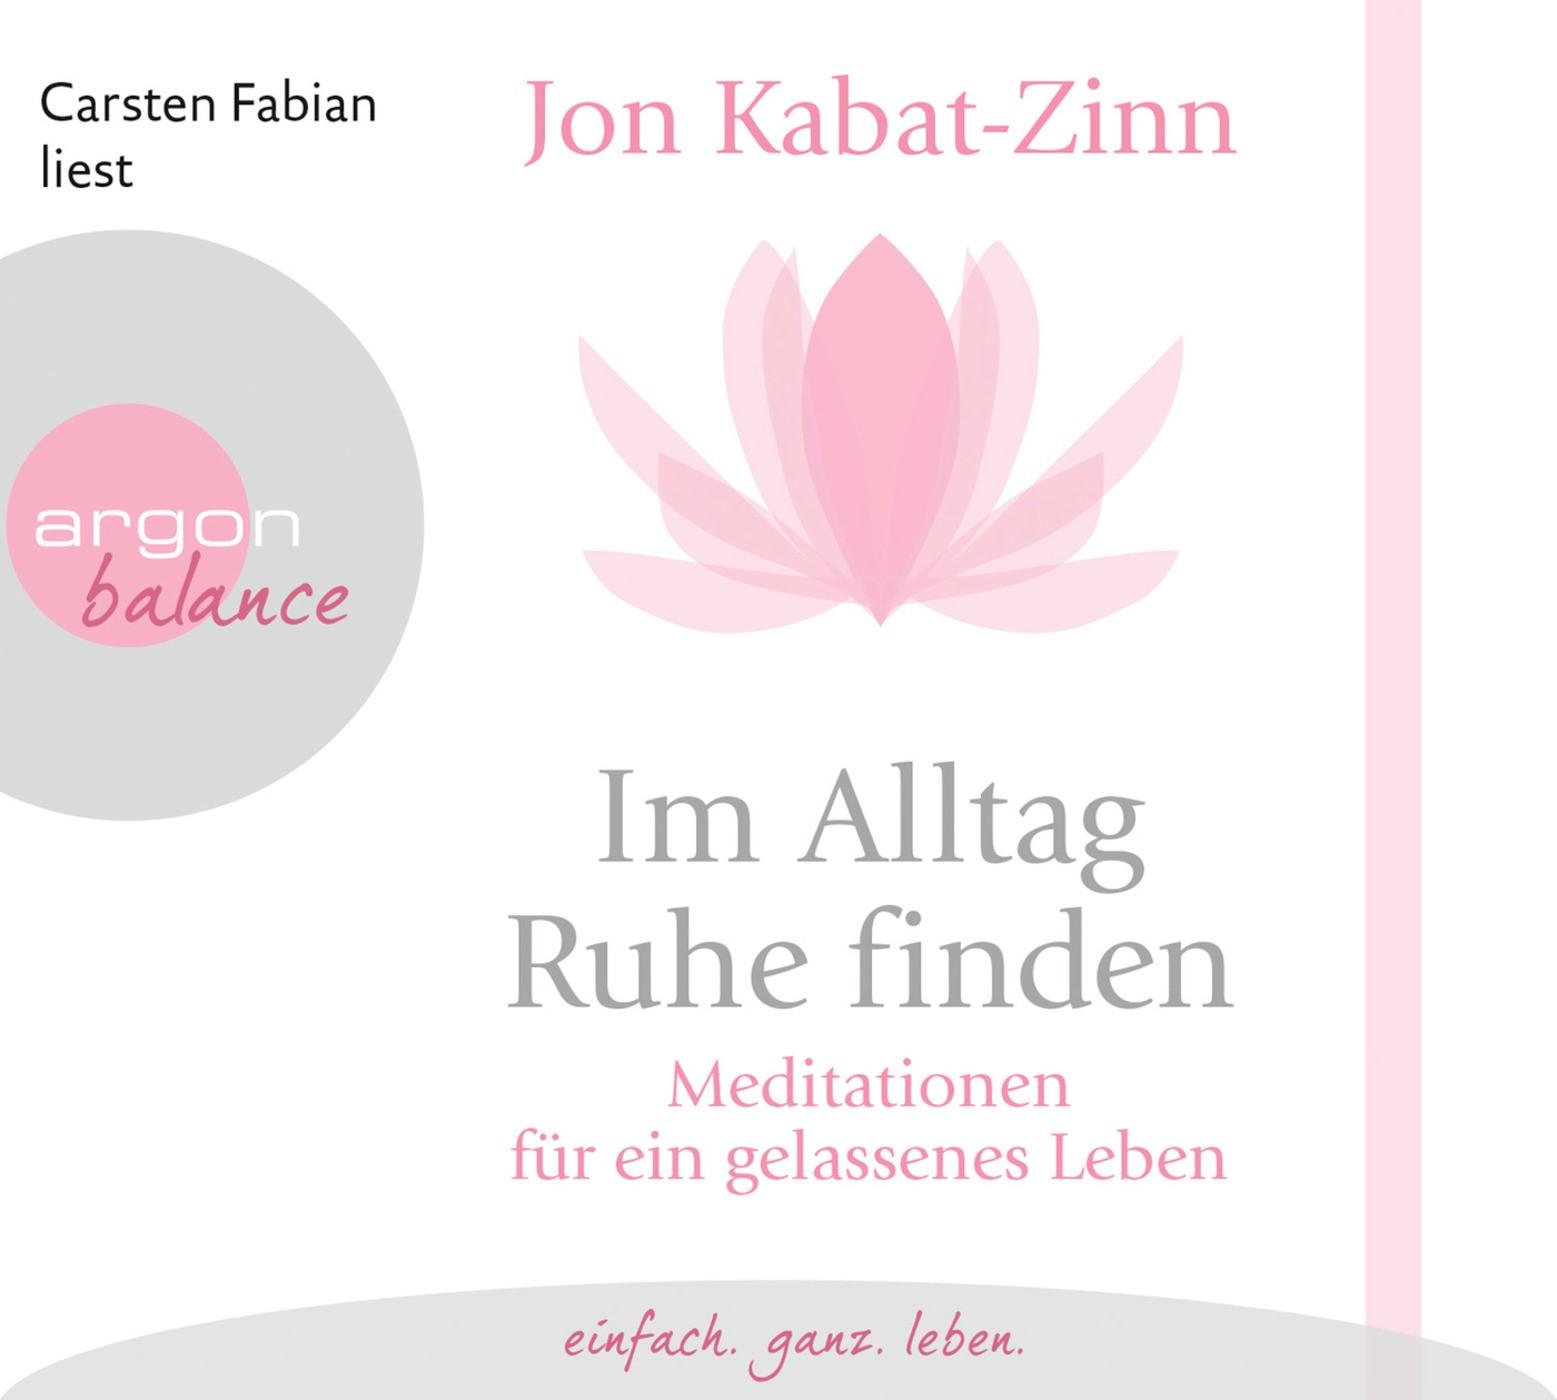 Im Alltag Ruhe finden   Kabat-Zinn, 2015 (Cover)